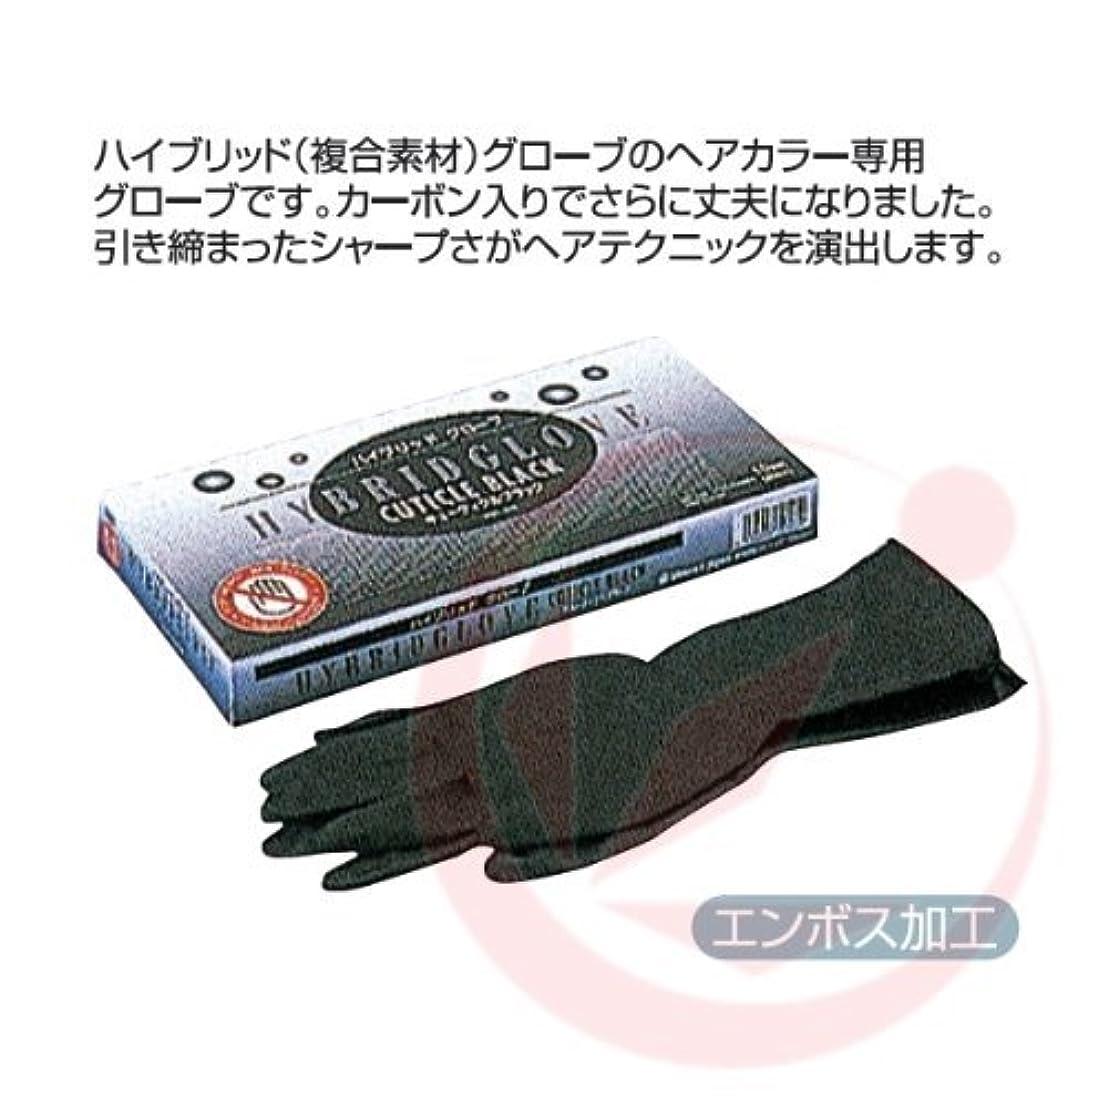 樹皮条約アーティキュレーションハイブリッドグローブ キューティクルグラック SS 10set(20枚入)